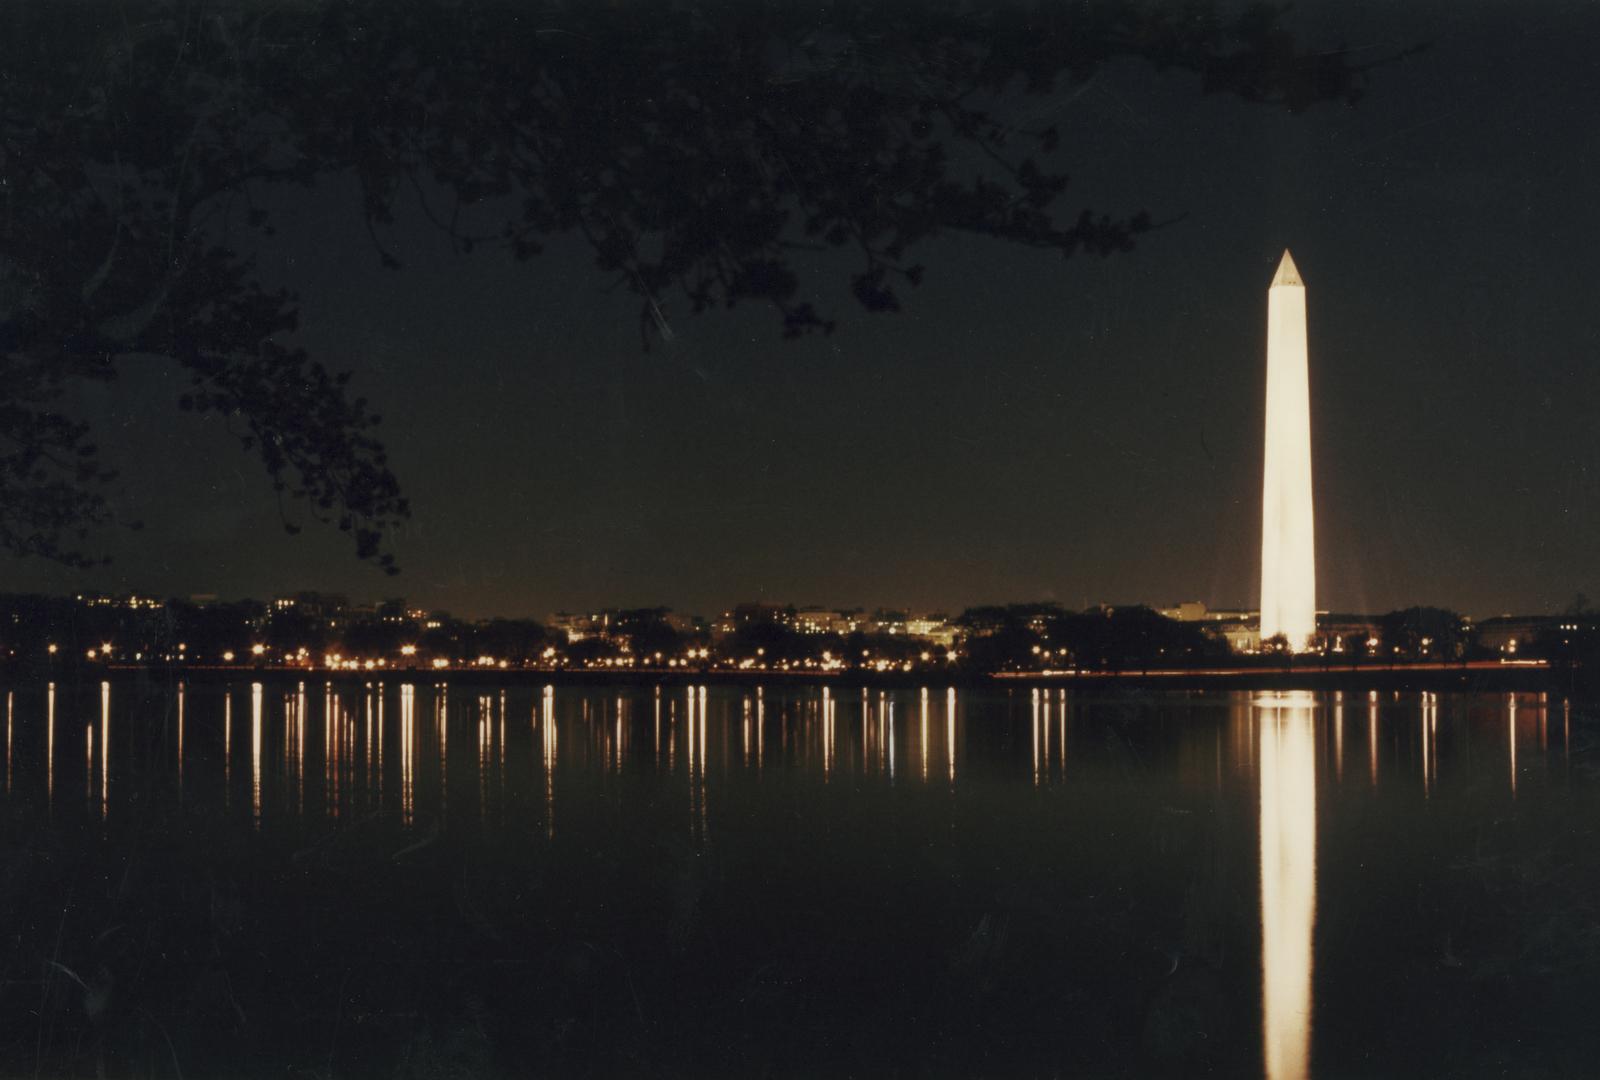 [Scenic views:] Washington, D.C. [buildings, landscapes, monuments]